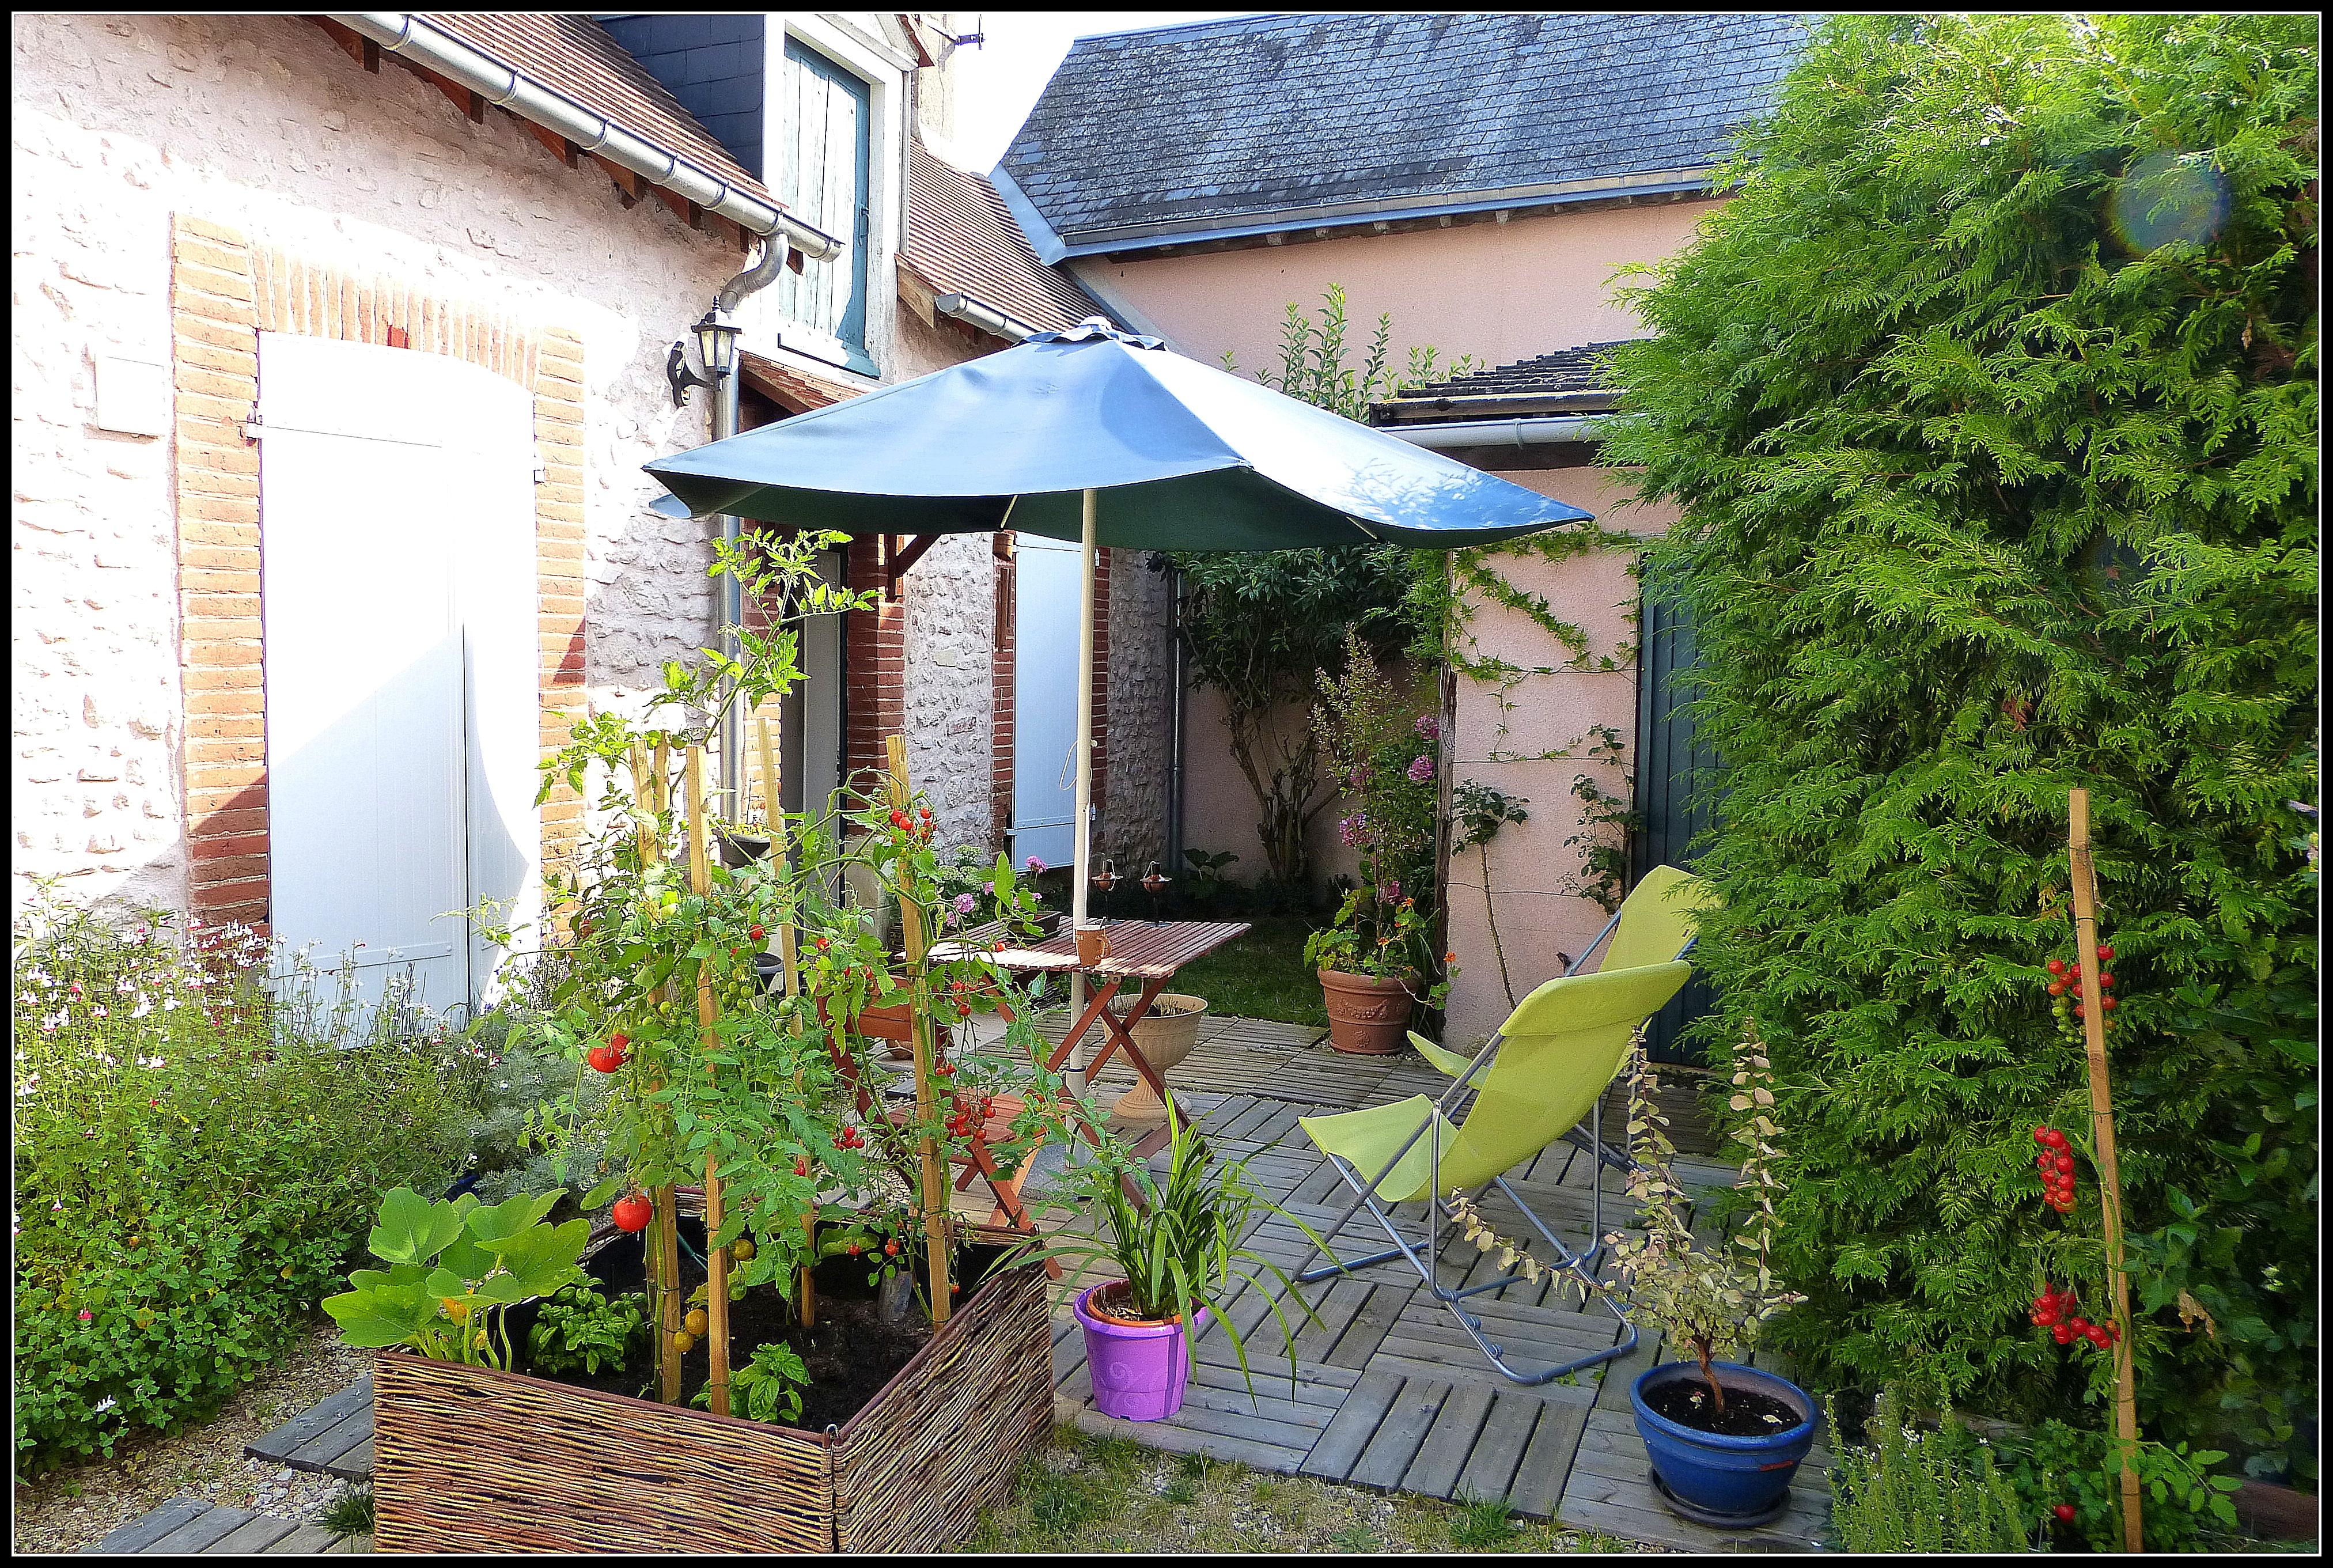 Une pause caf dans un jardin fran ais japanalex for Restaurant dans un jardin paris